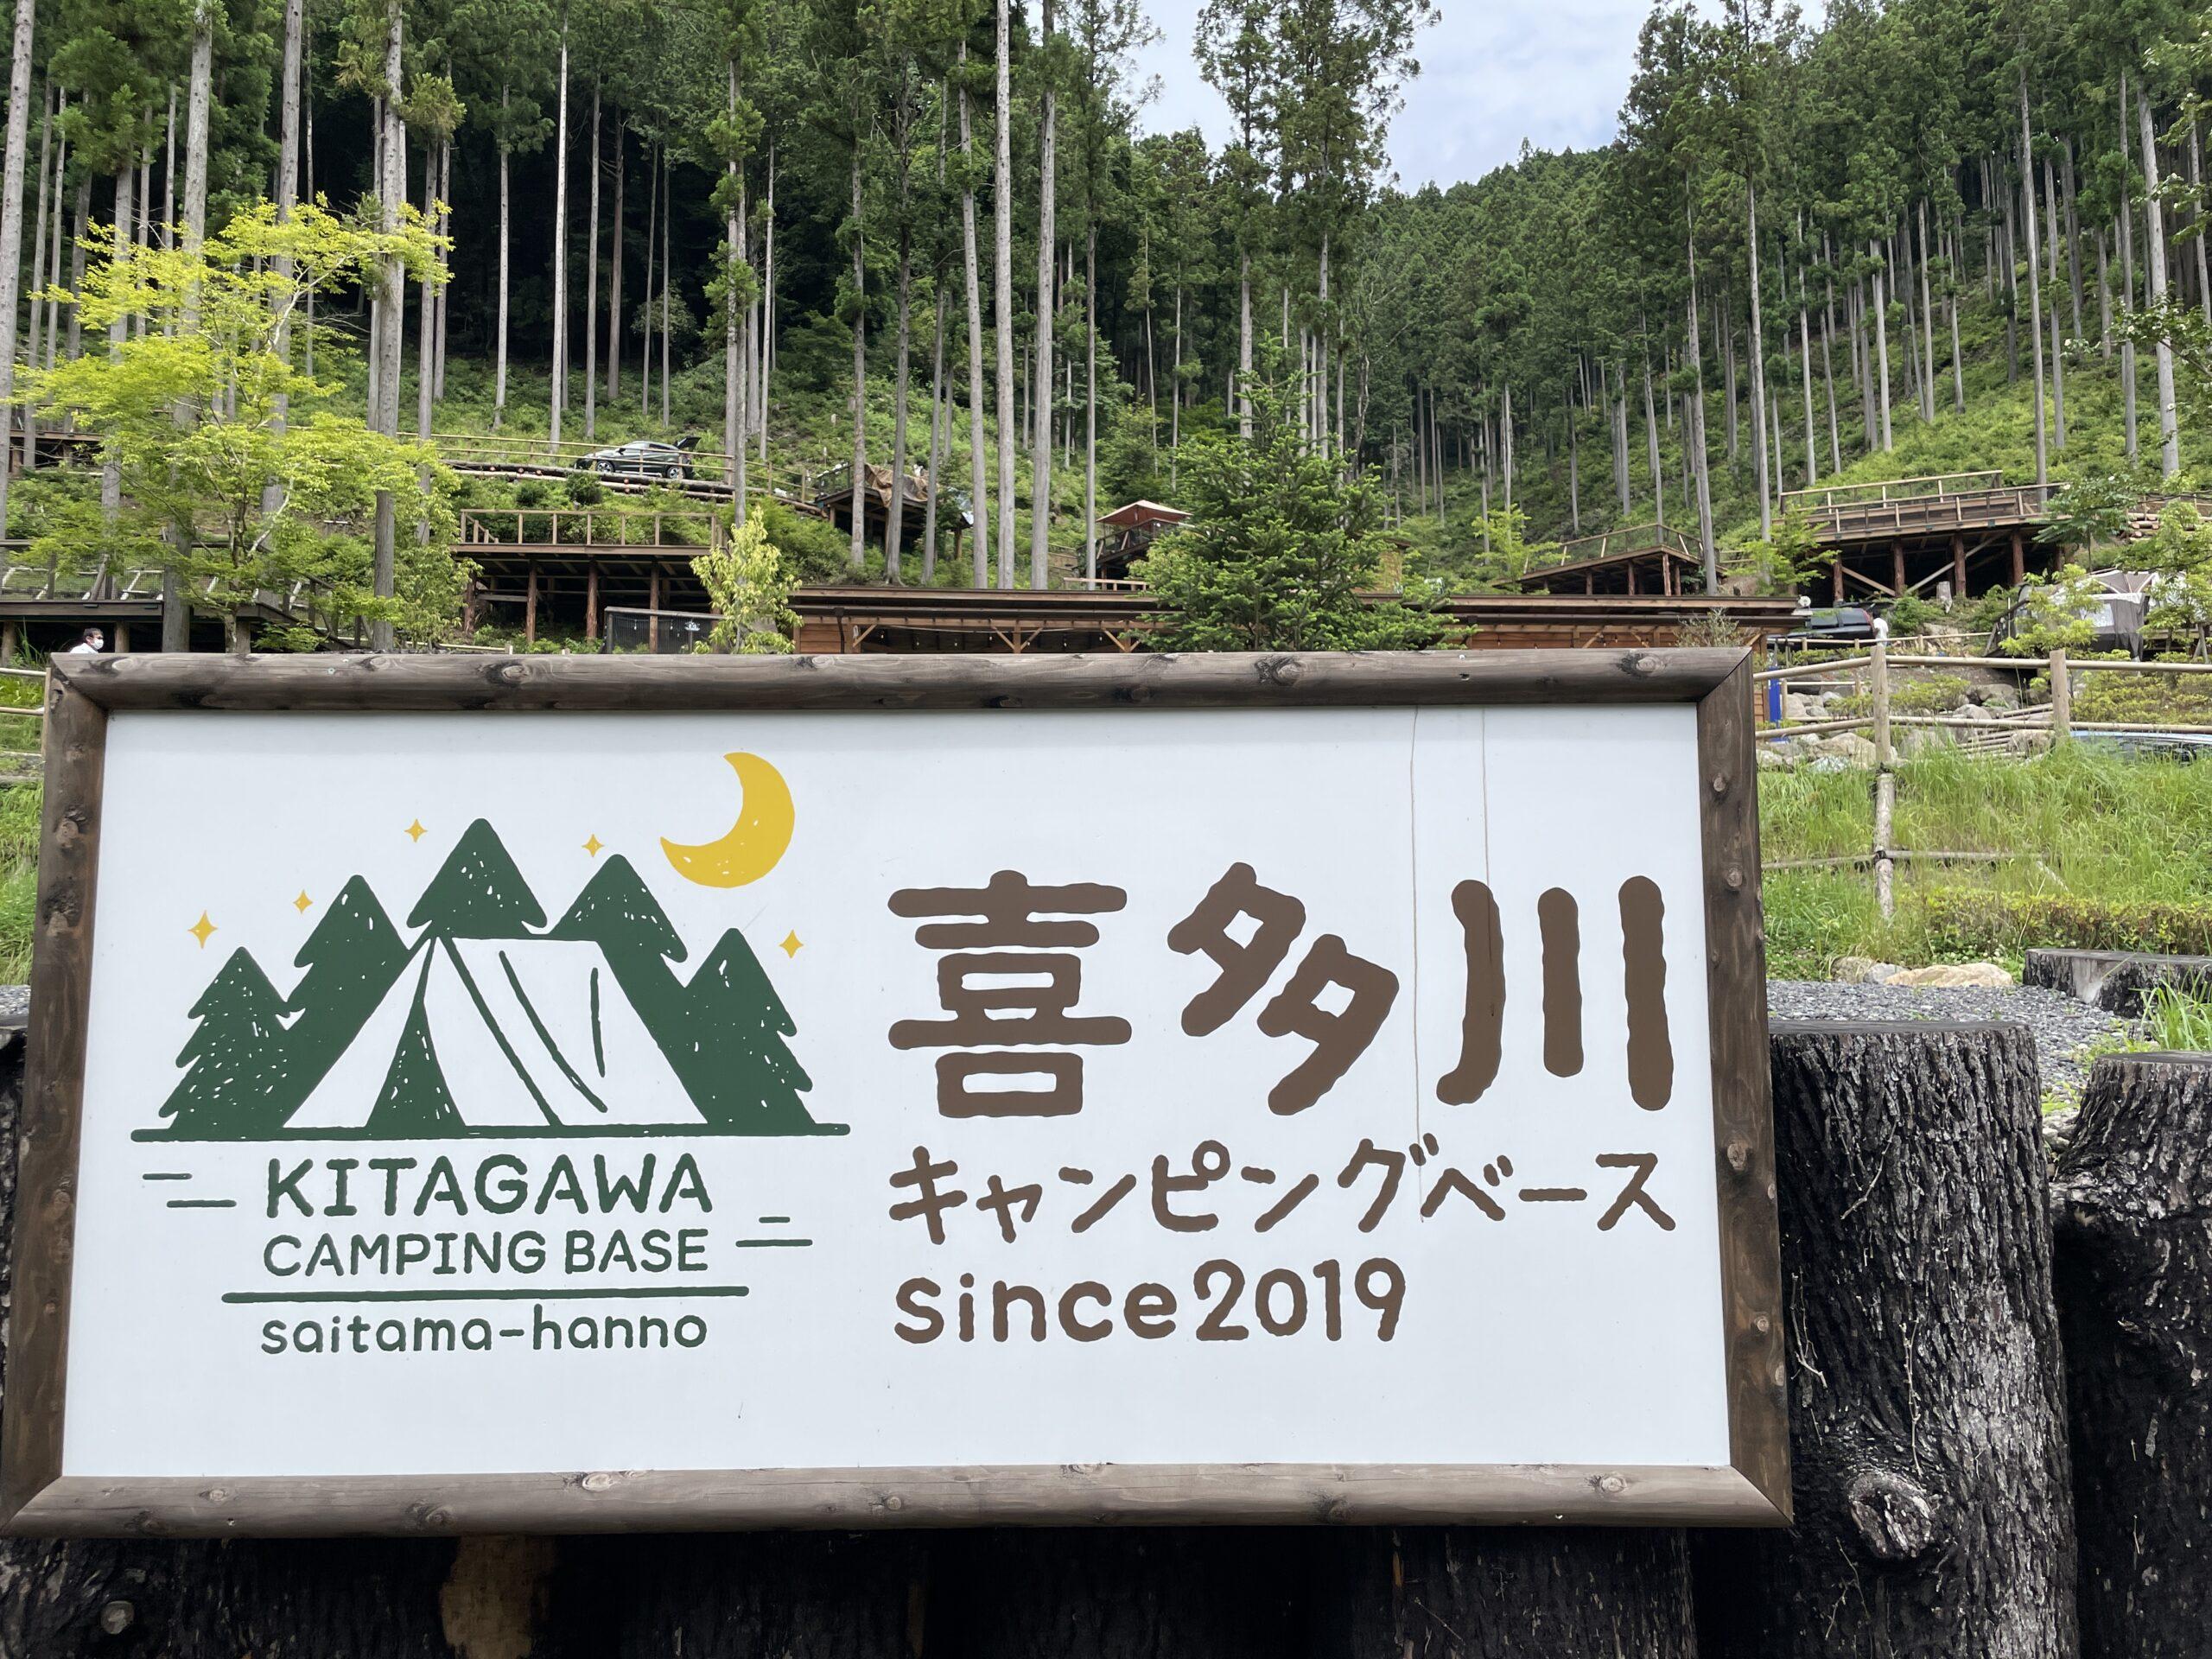 喜多川キャンピングベース (1)